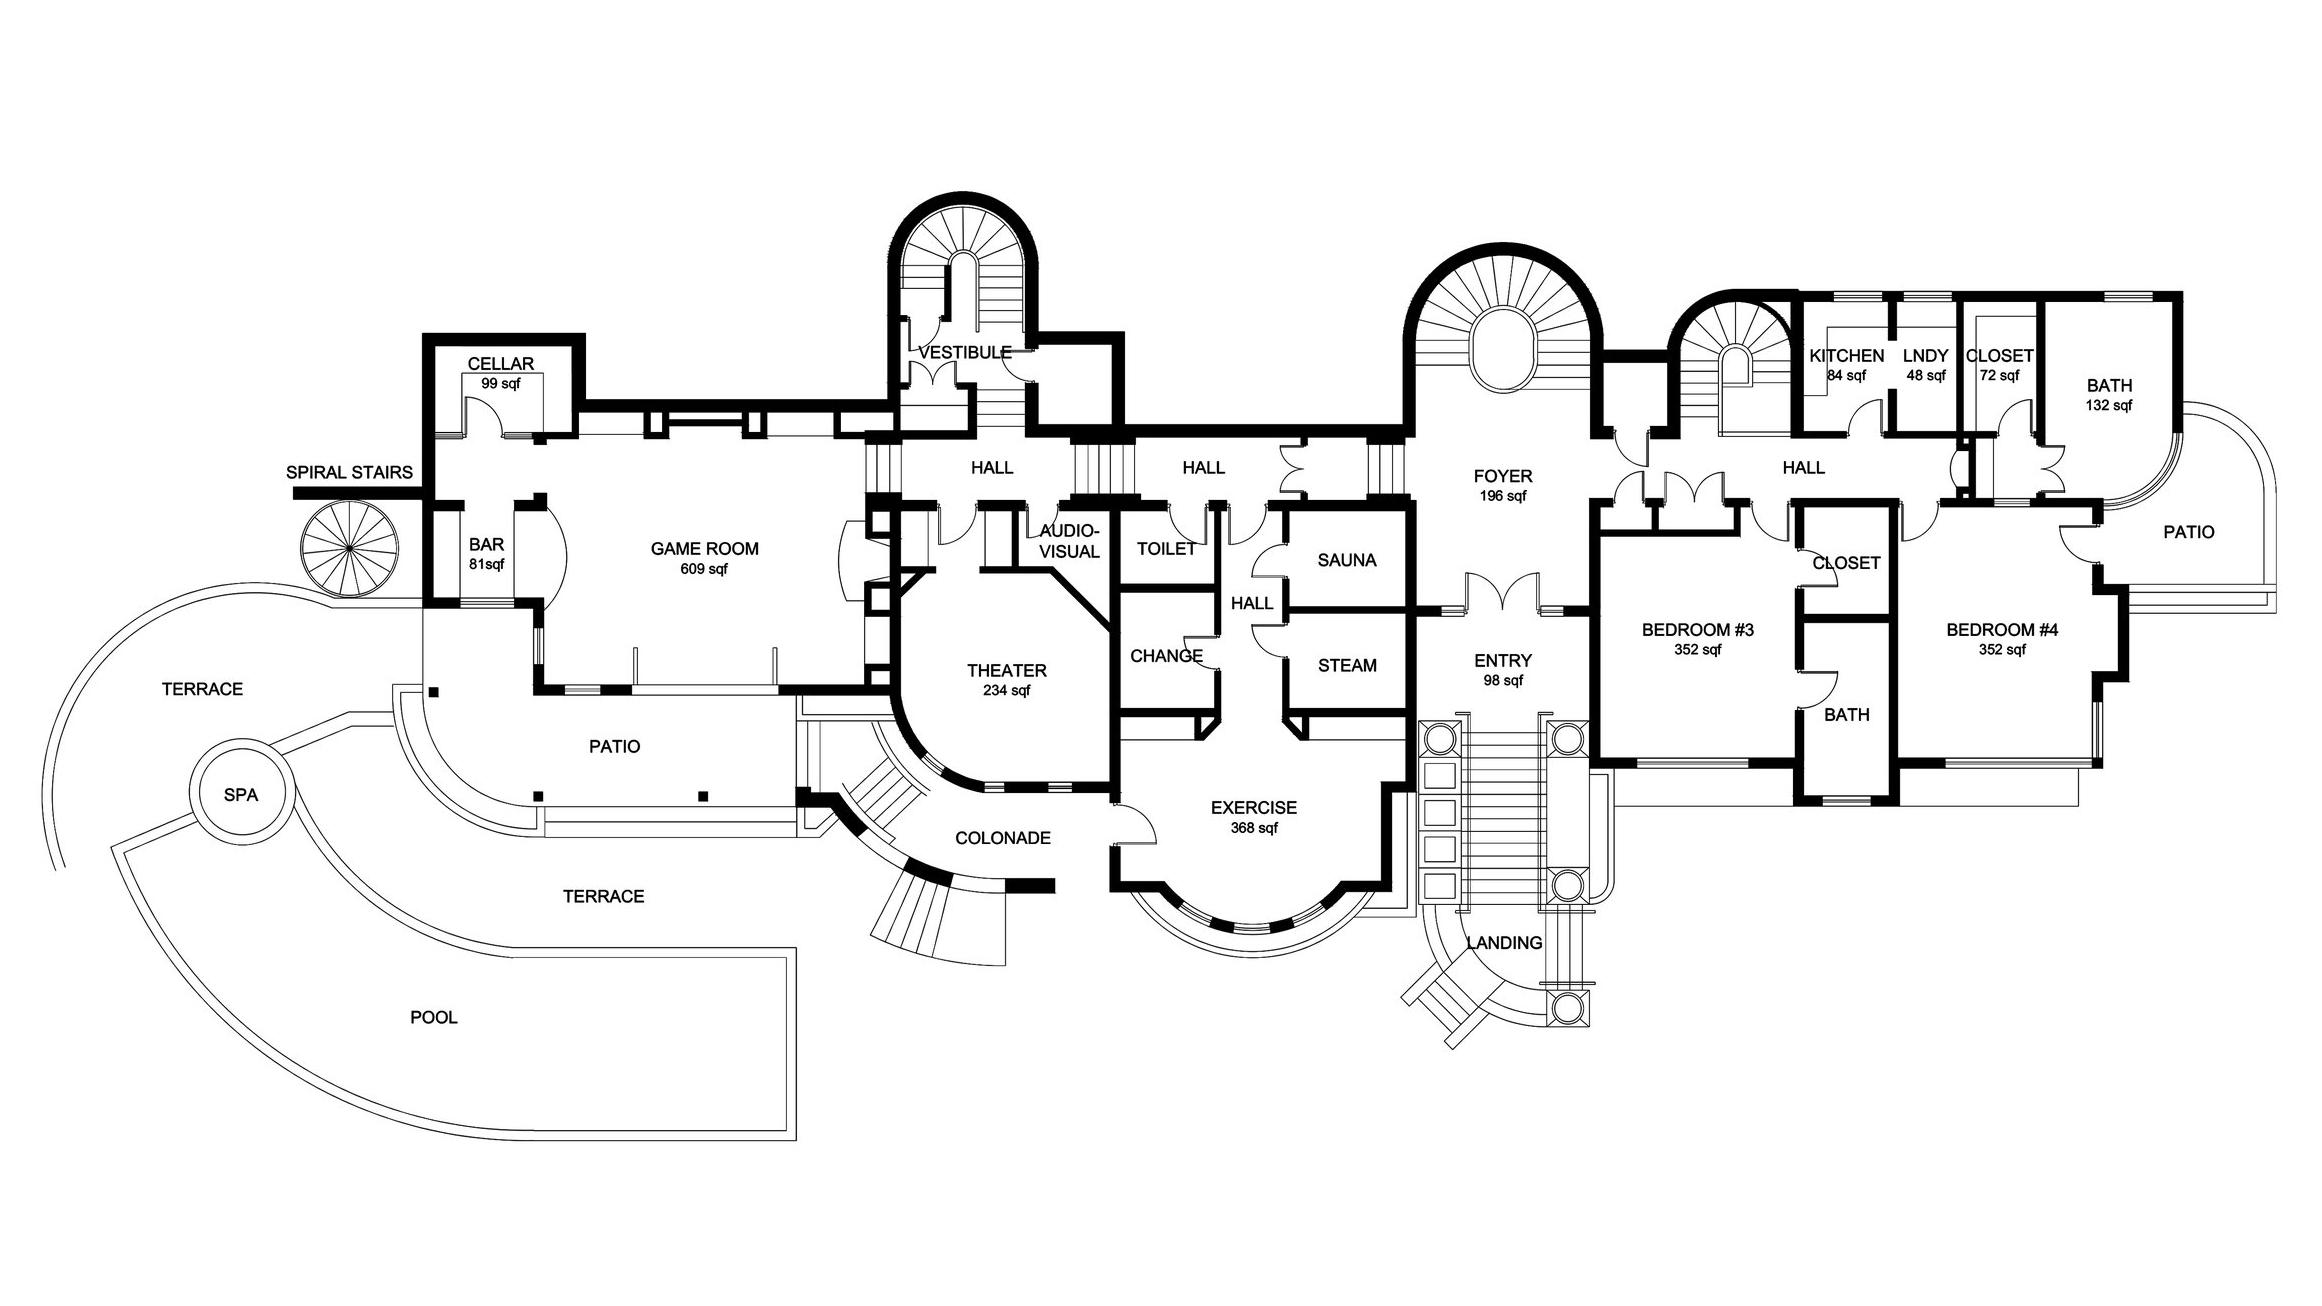 MAIN HOUSE - BOOK 1 (A-1.jpg